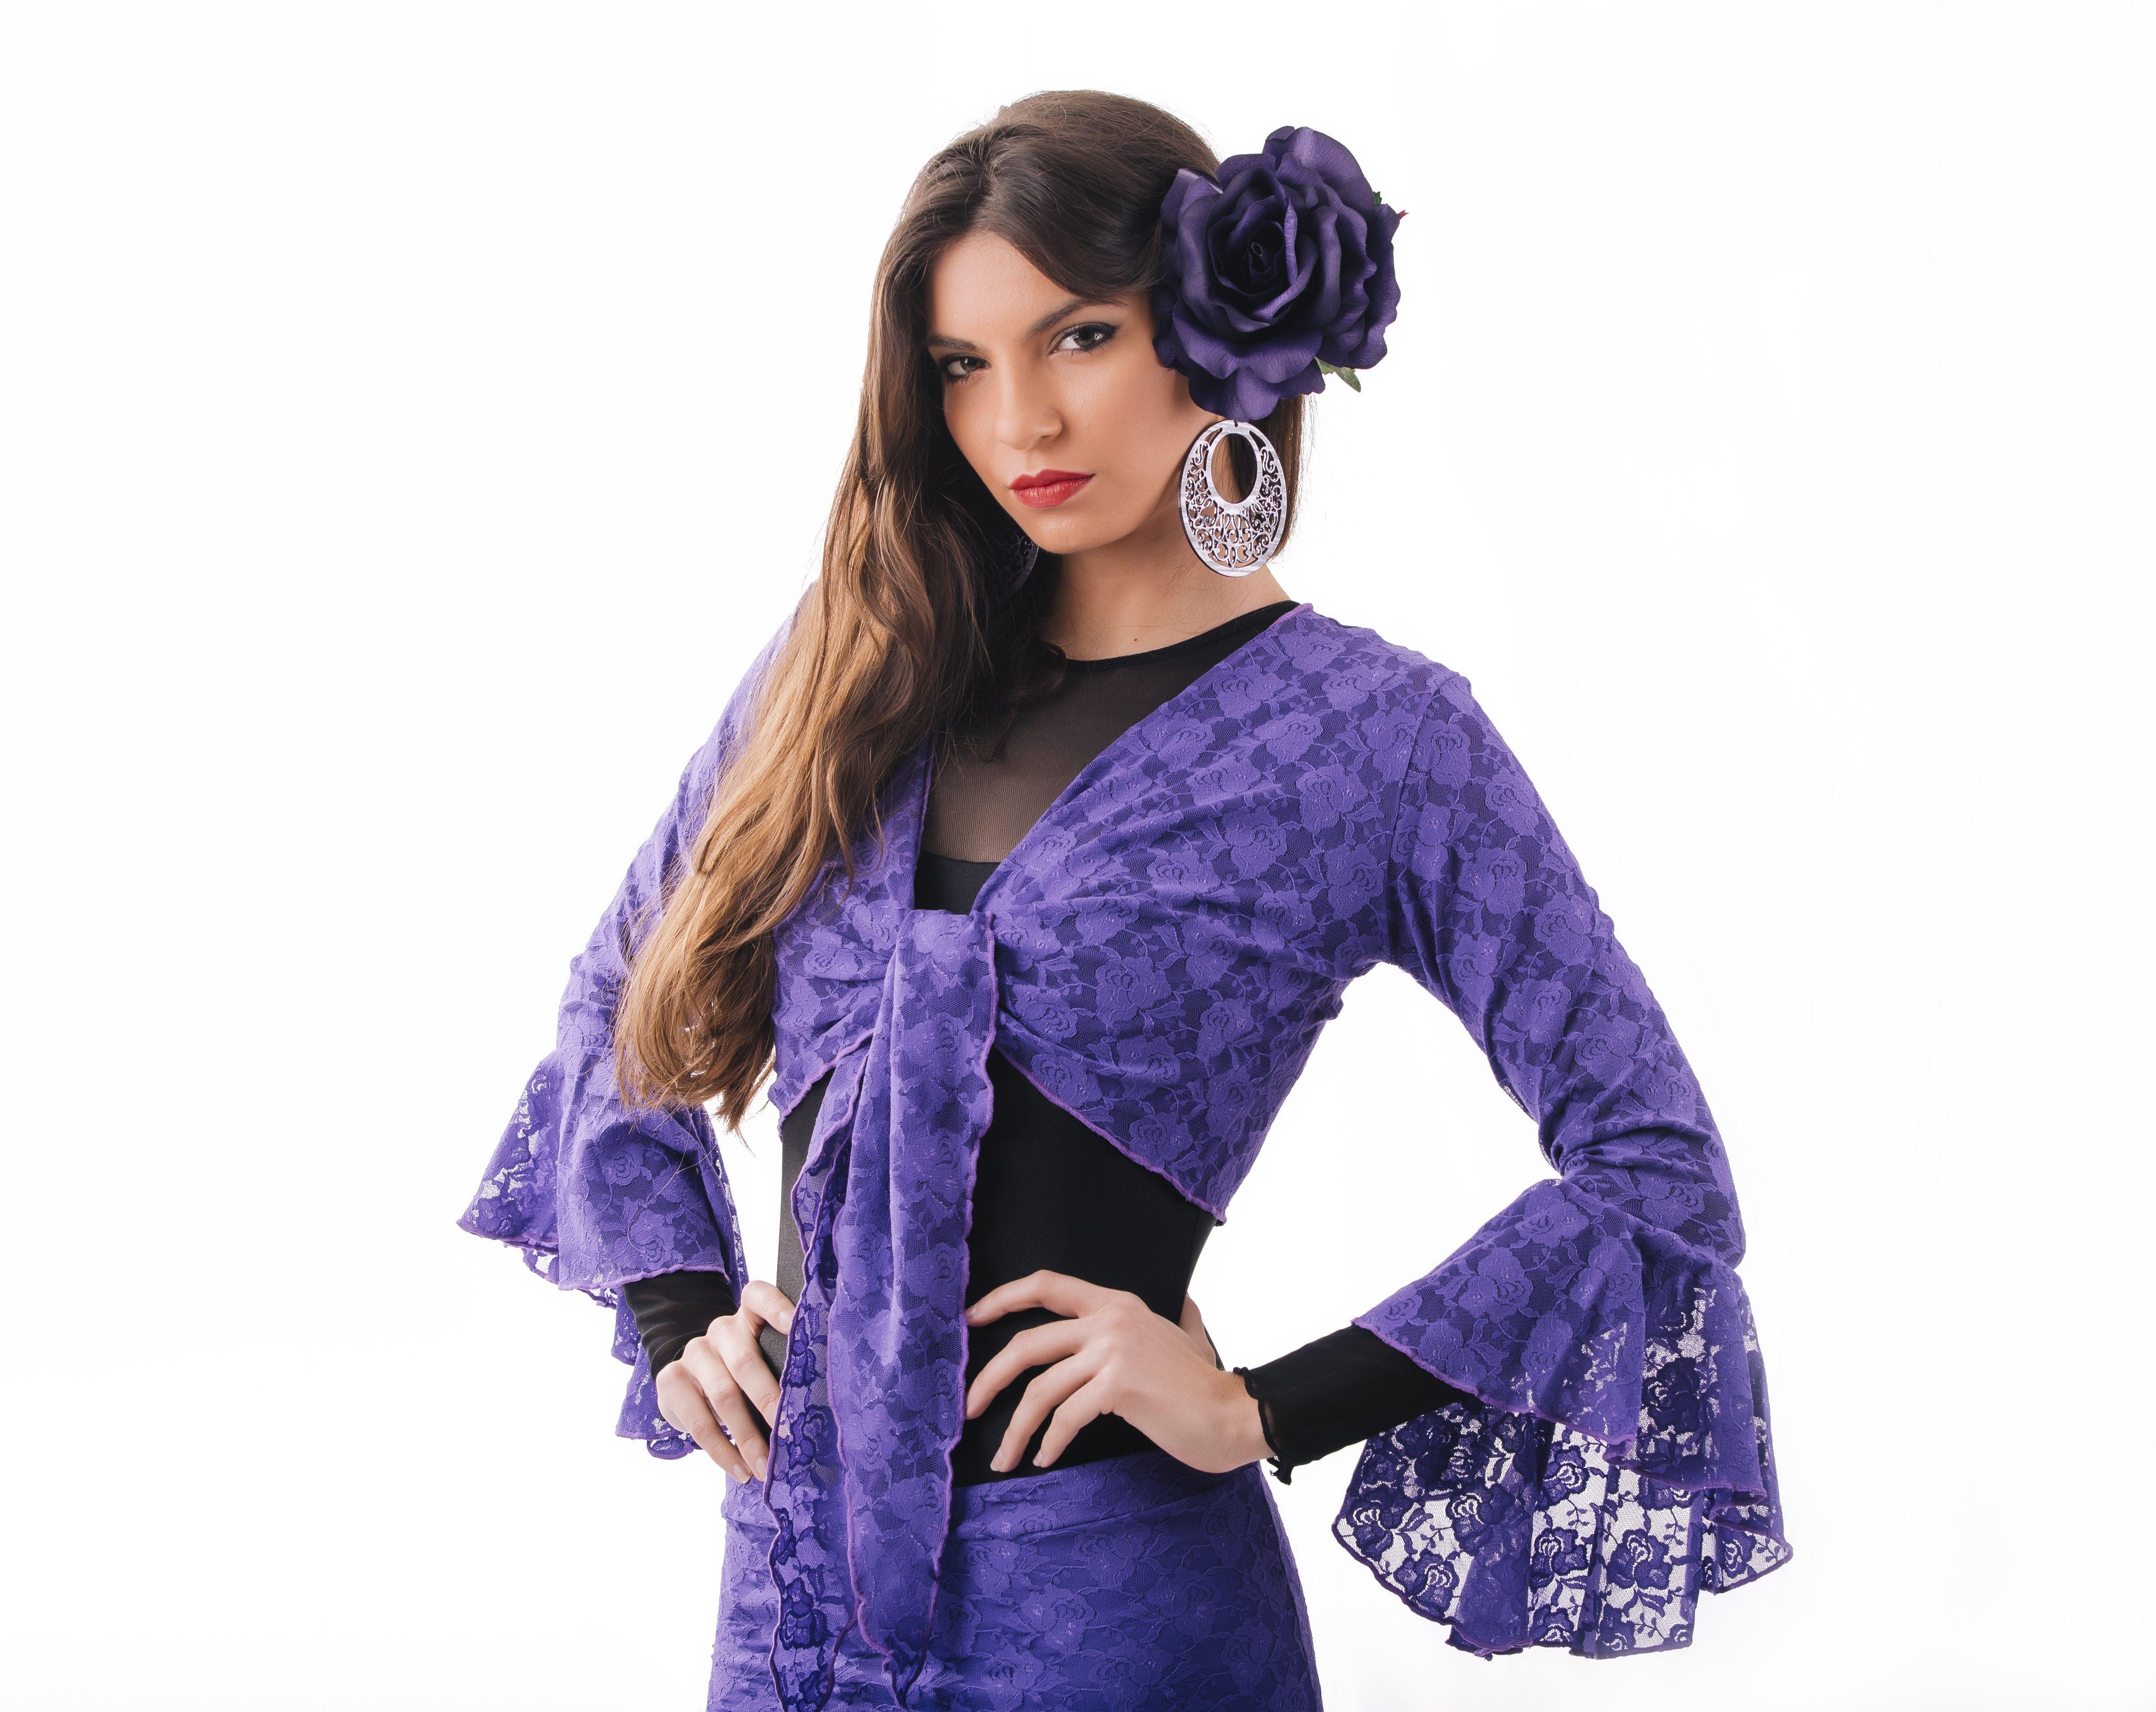 Asombroso Horrendos Vestidos De Novia Galería - Vestido de Novia ...